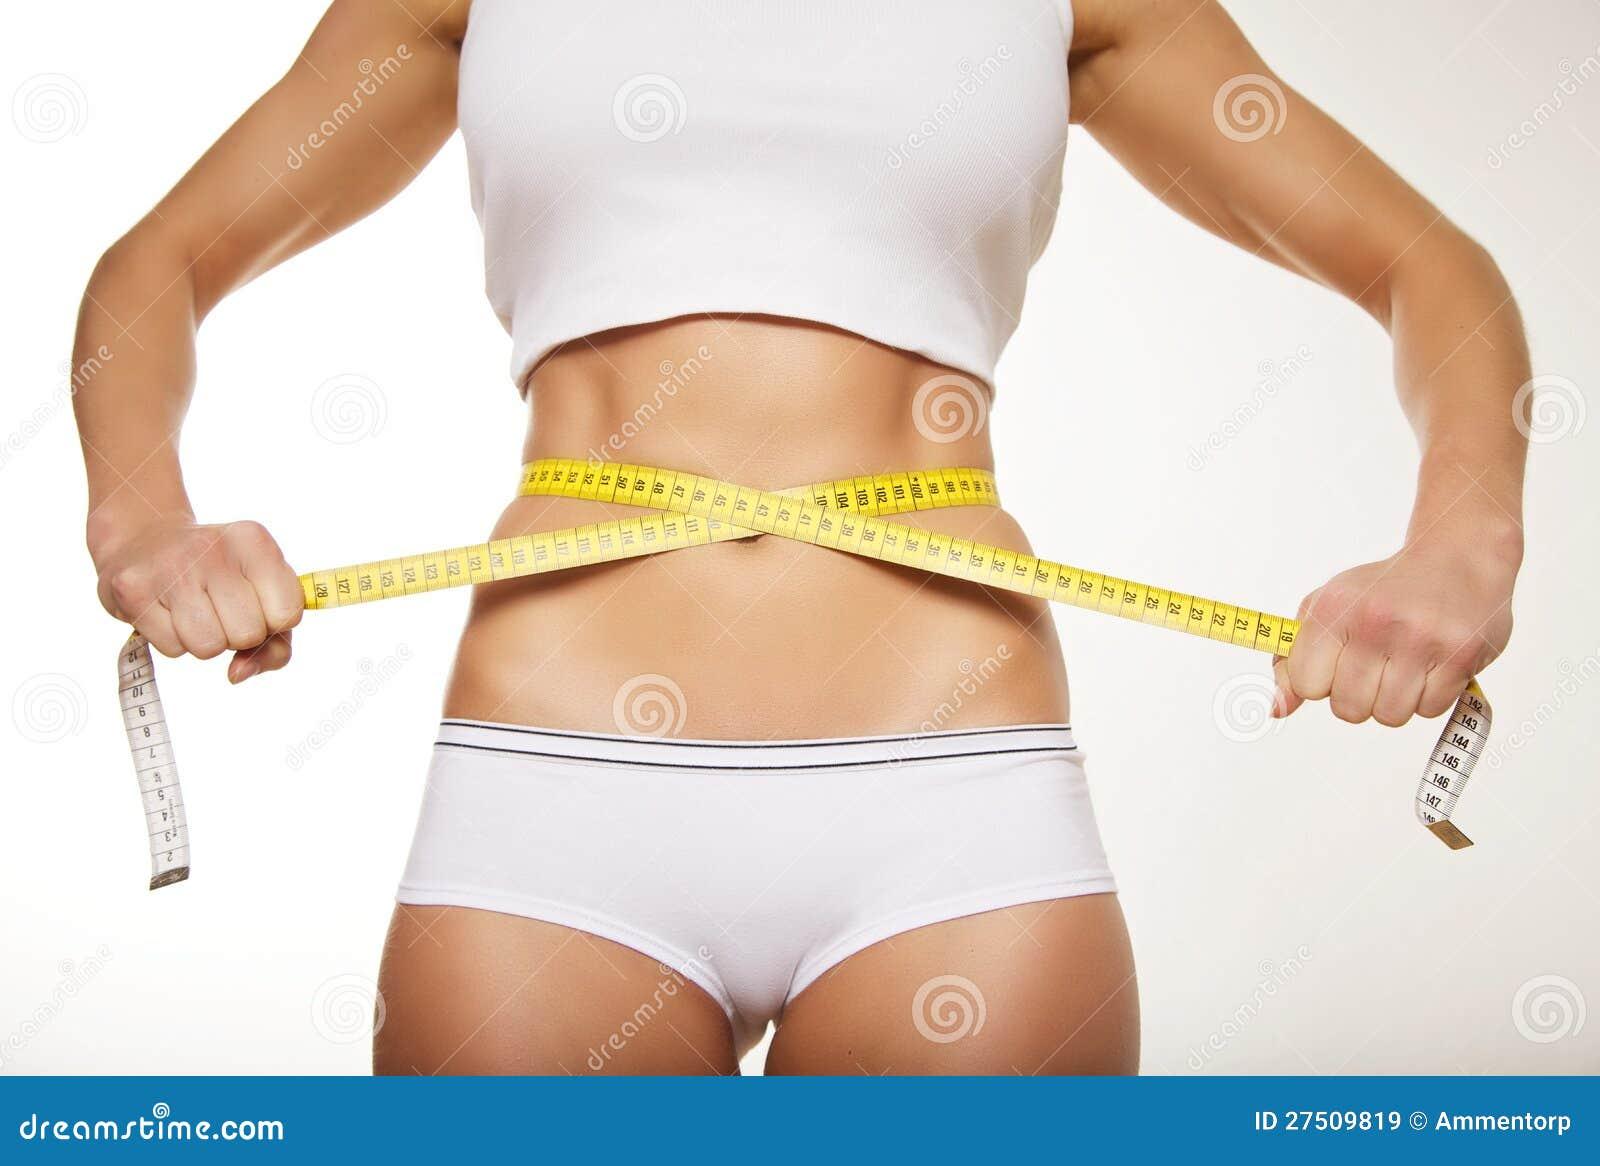 Pas vrouw in ondergoed met maatregelenband